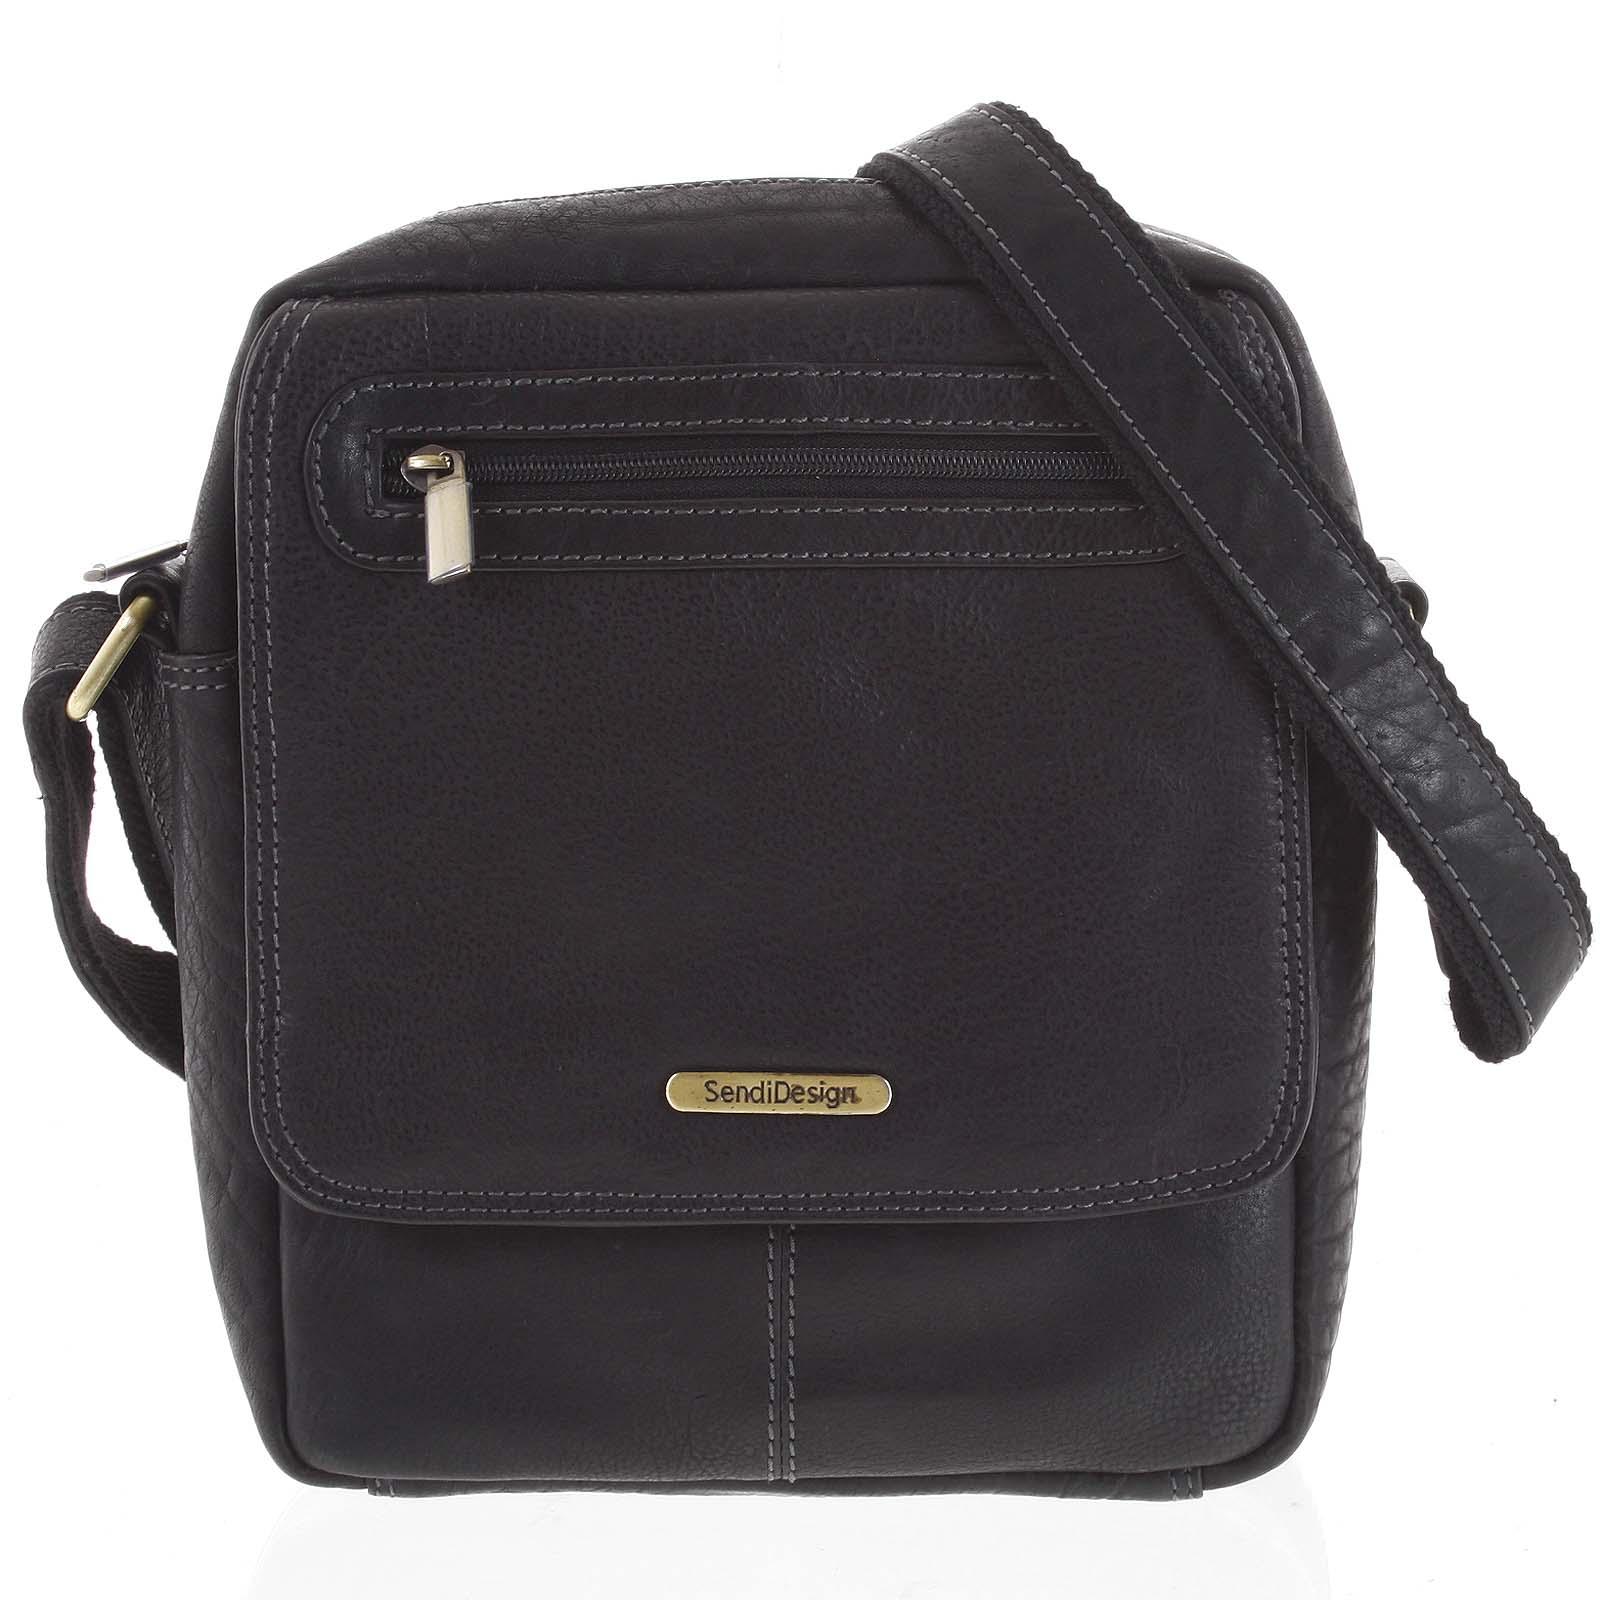 Kožená pánska taška cez plece čierna - SendiDesign Edmar